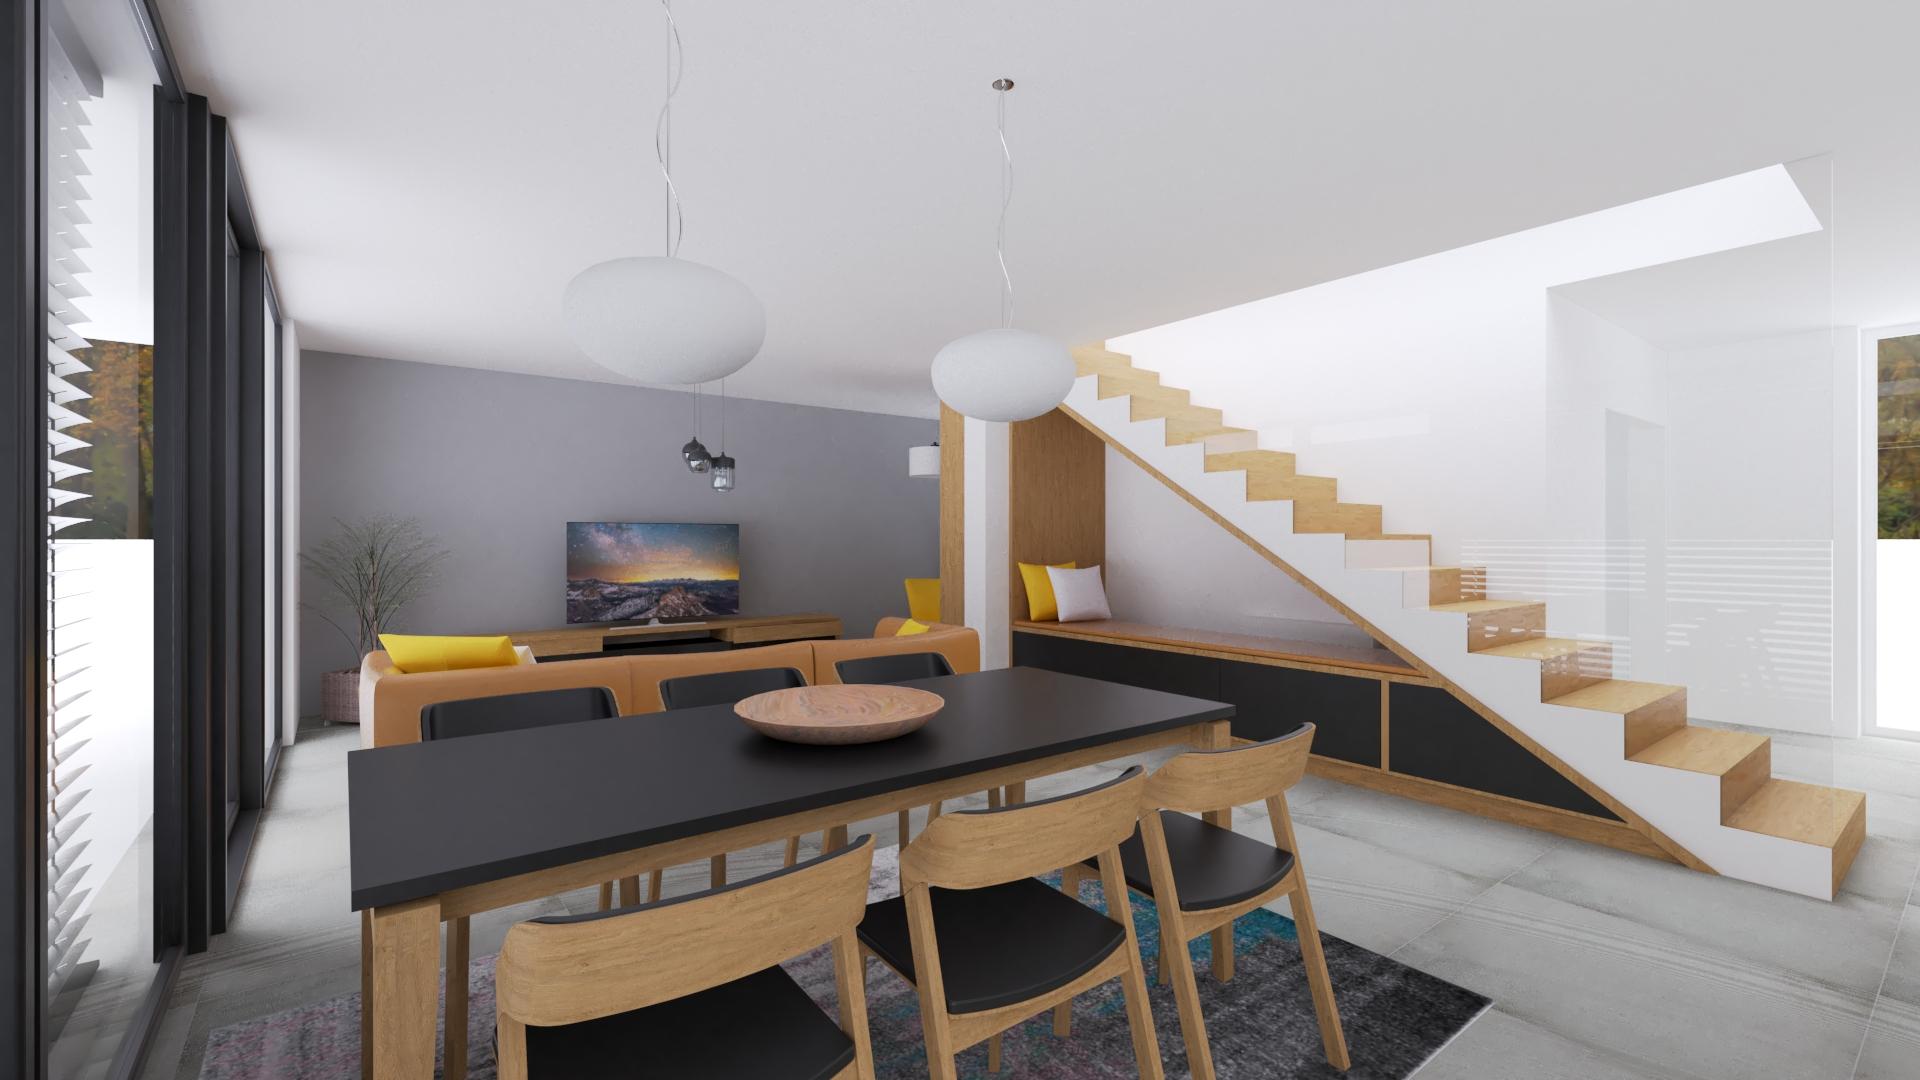 Moderný interiér návrh a vizualizácia